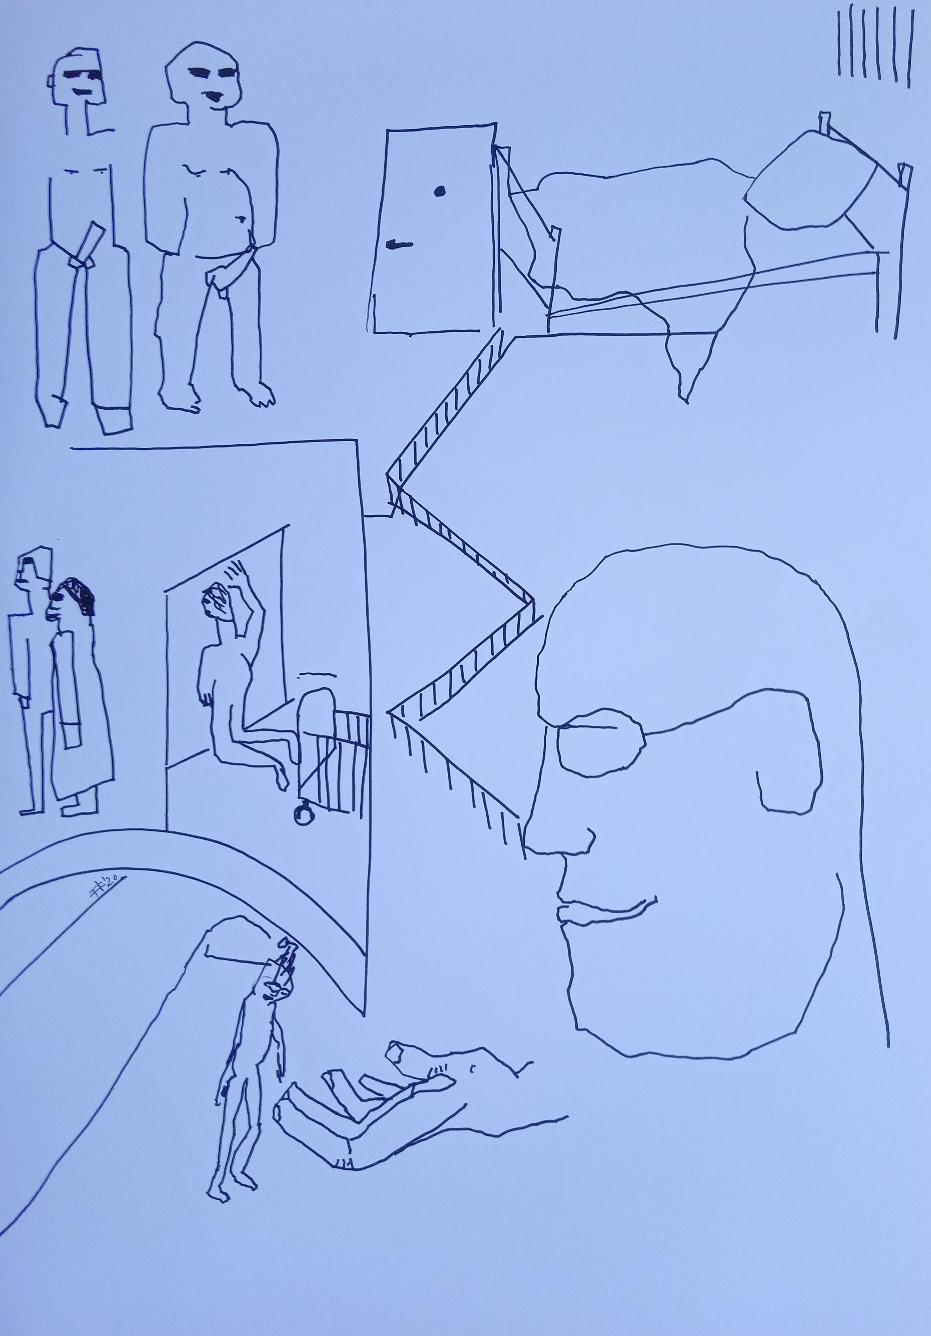 Der Junge, das Amt und Helmut Kentler 2020 Marker auf Papier 42 cm x 59,4